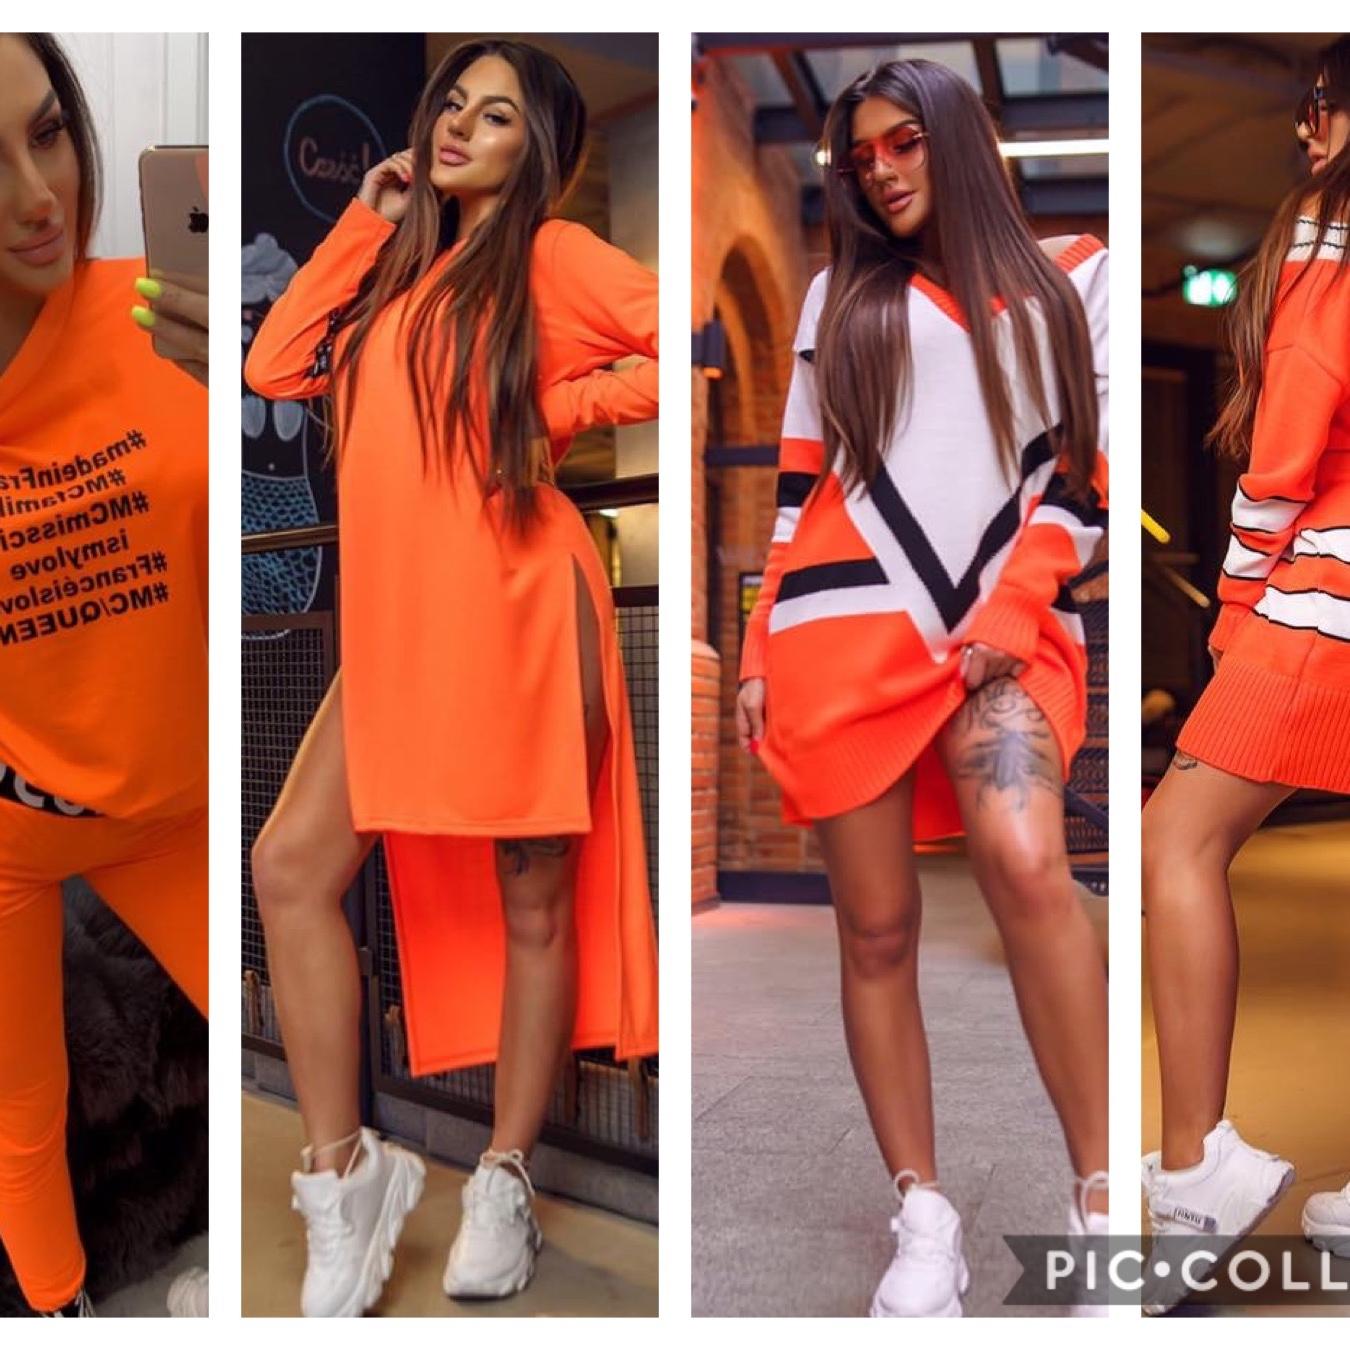 Narancs kollekció